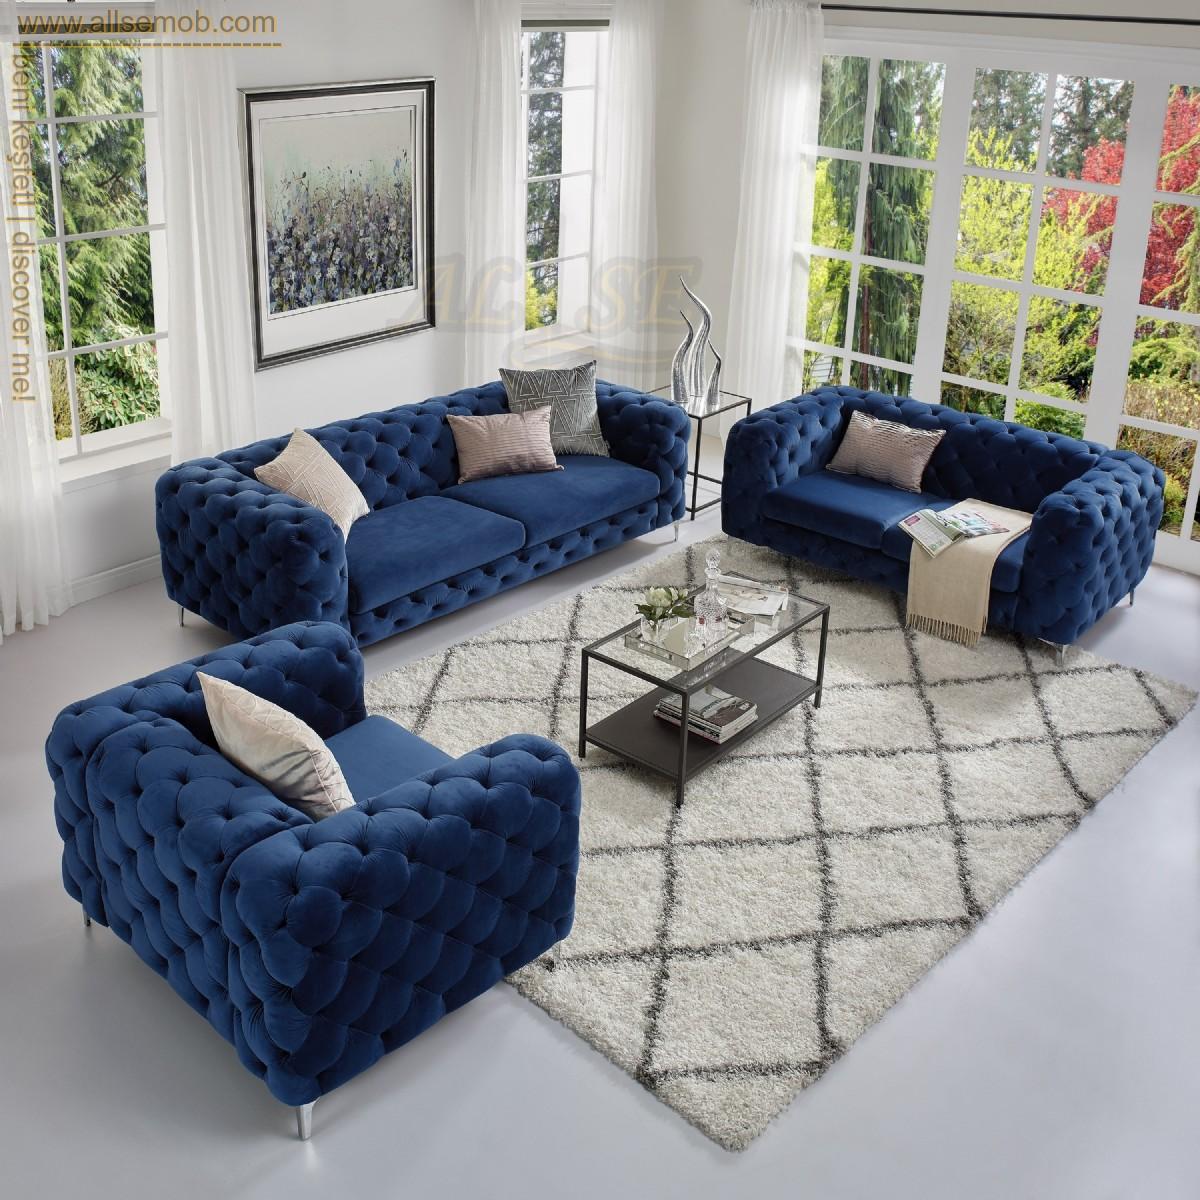 Mavi Kadife İtalyan Chester Koltuk Takımı Lüks Koltuk Modeli